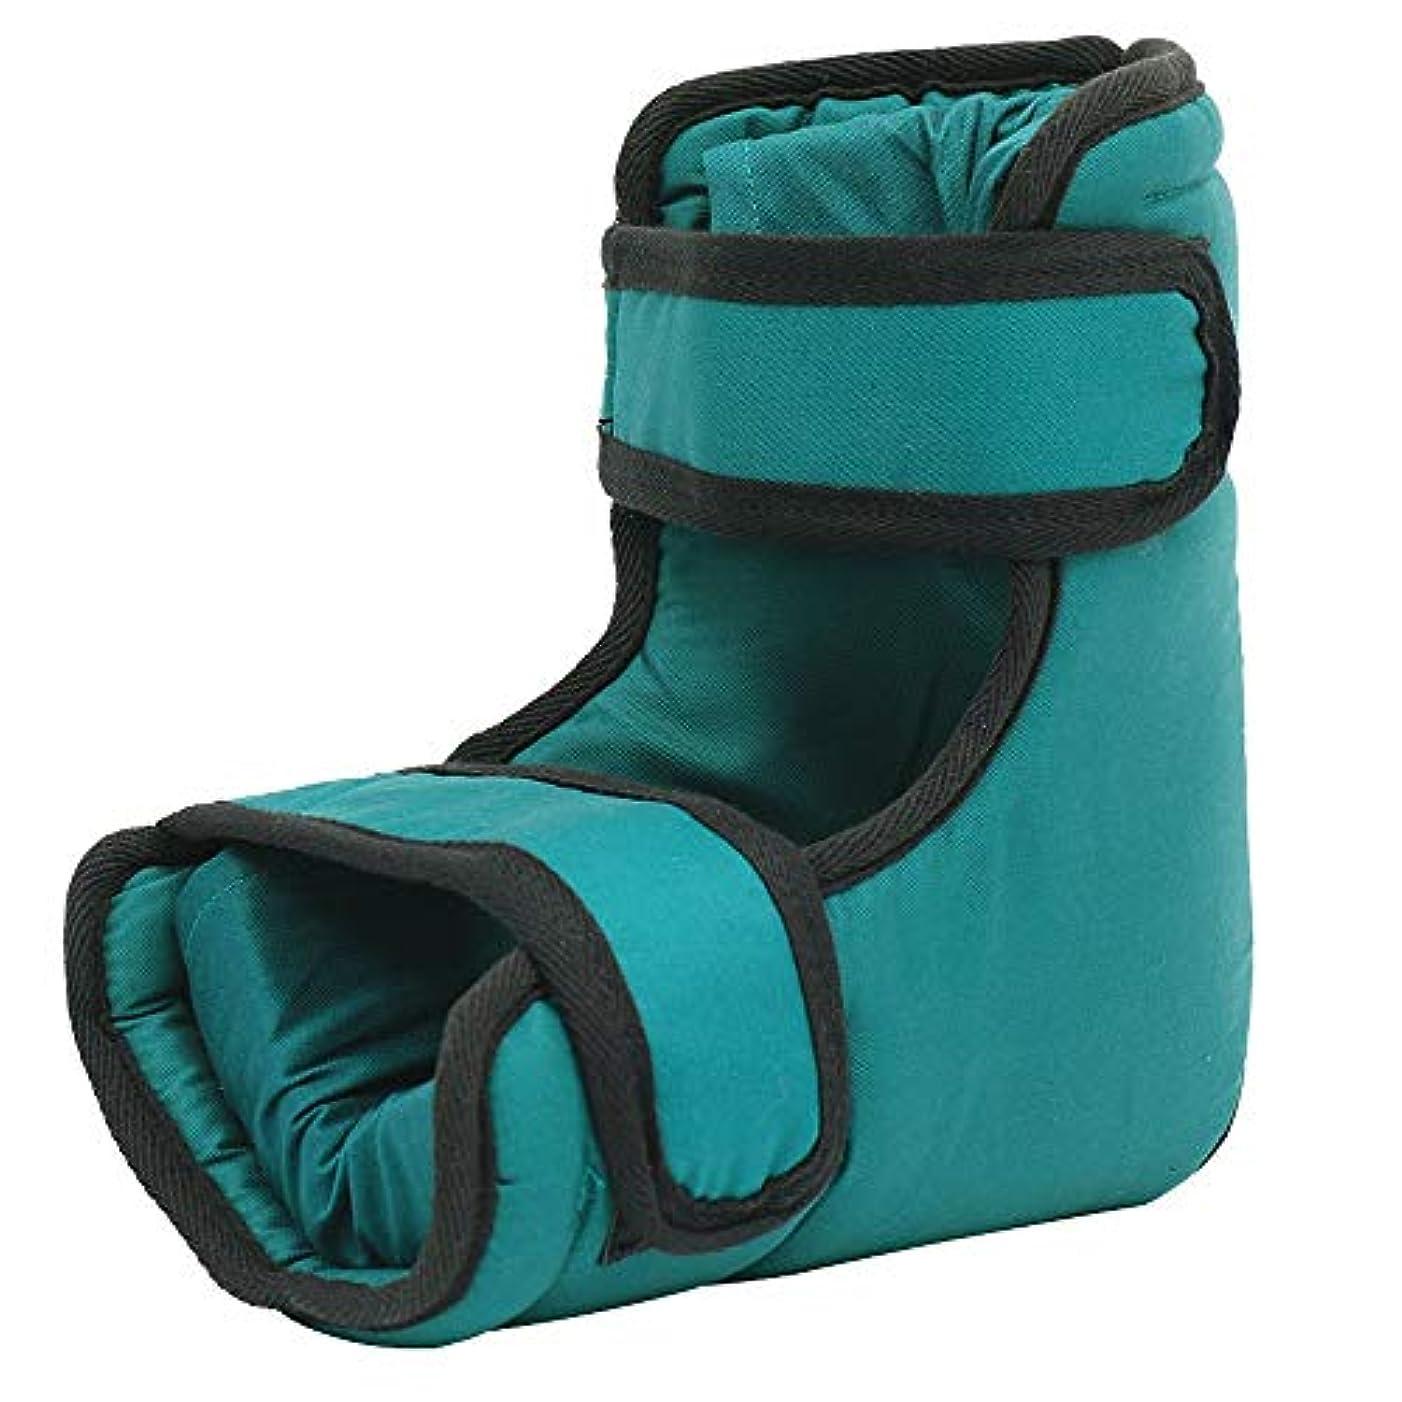 コミットメント紛争素晴らしいTONGSH かかとの枕、かかとのブーツ、足底筋膜炎、アキレス腱炎、かかとの拍車、かかとプロテクターの靴、荷を下すかかとと足首のプロテクター